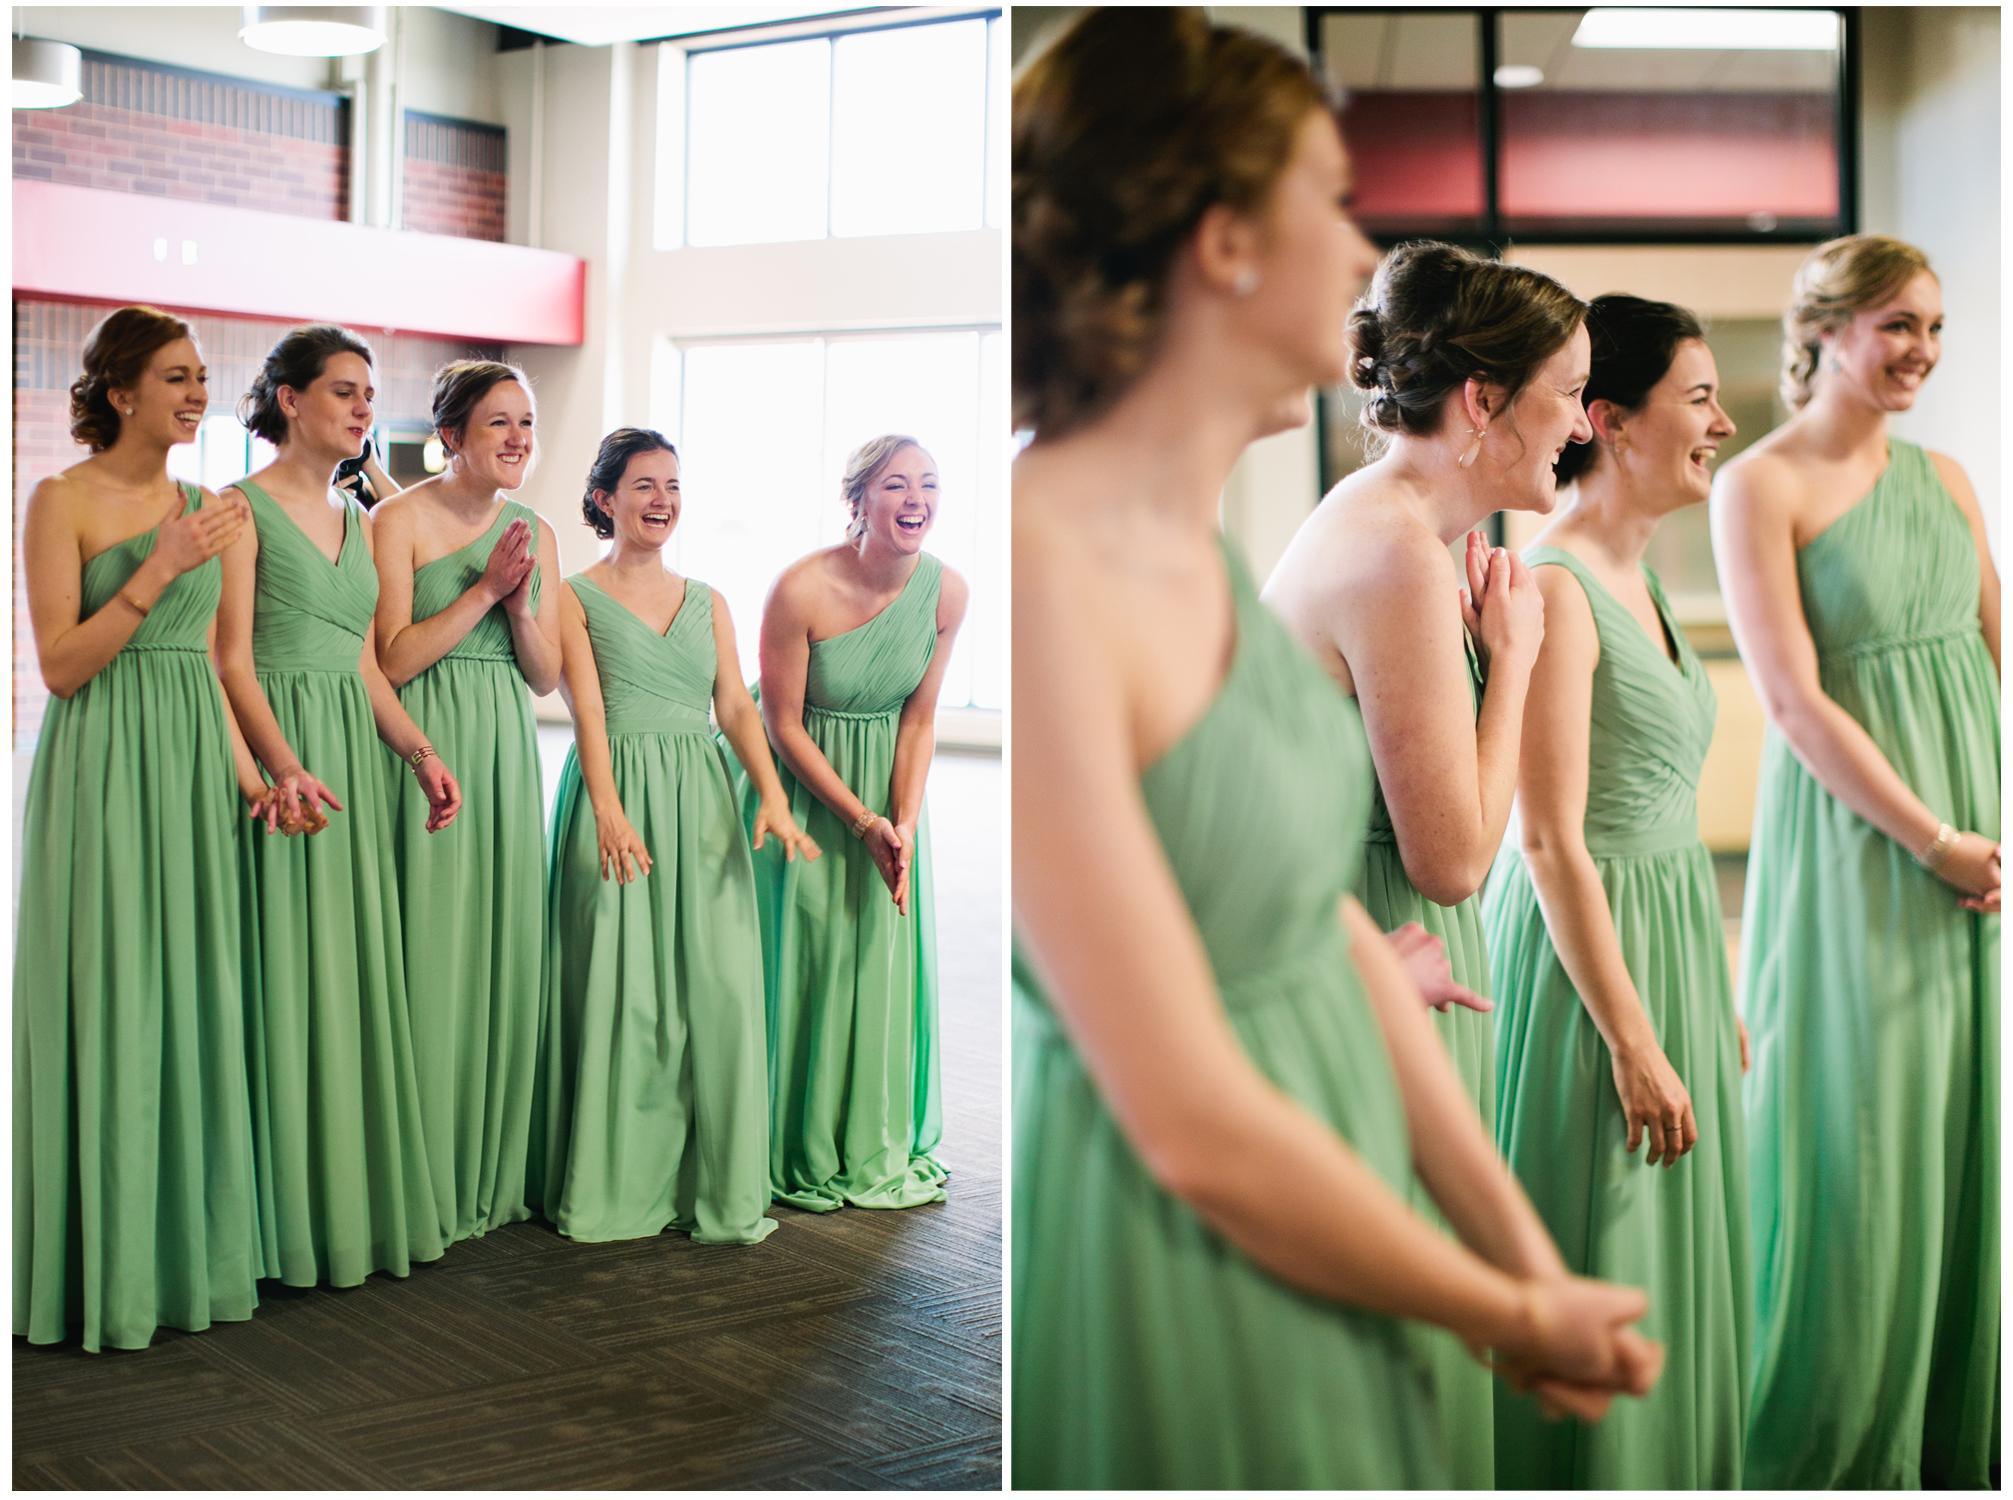 des_moines_wedding_02.jpg